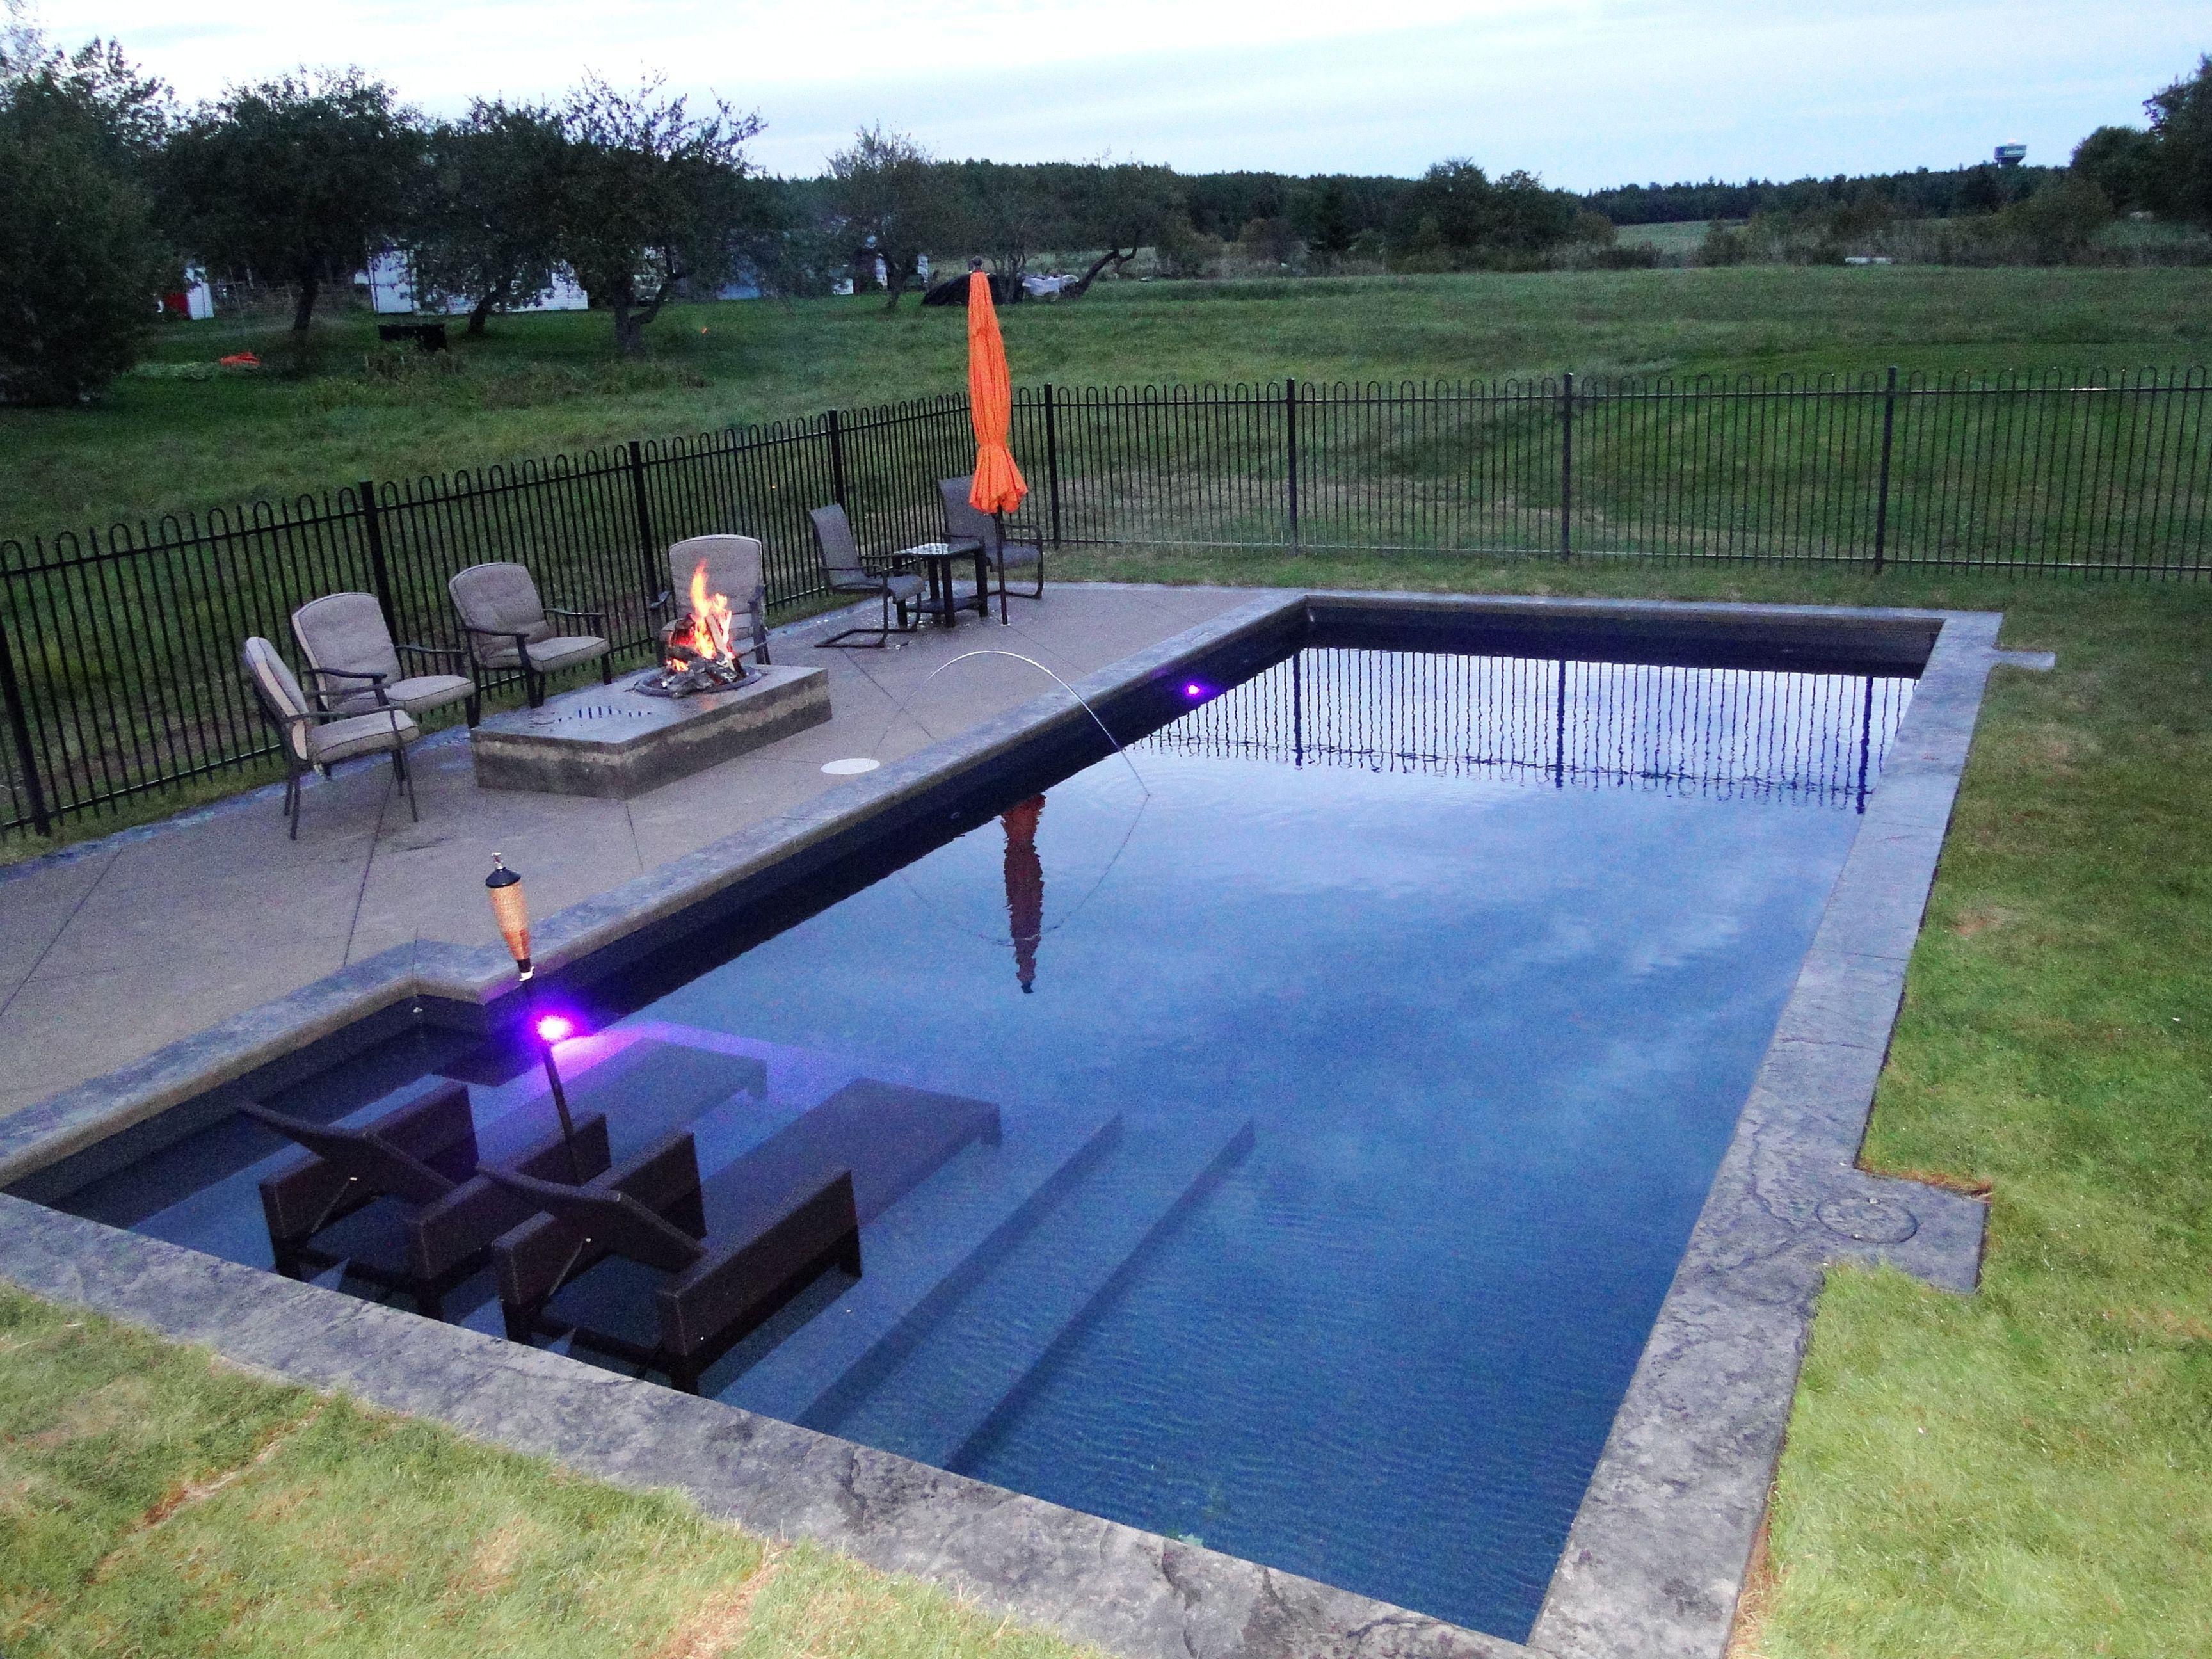 25 Stunning Rectangle Inground Pool Design Ideas With Sun Shelf In 2020 Inground Pool Designs Inground Pool Landscaping Rectangular Pool